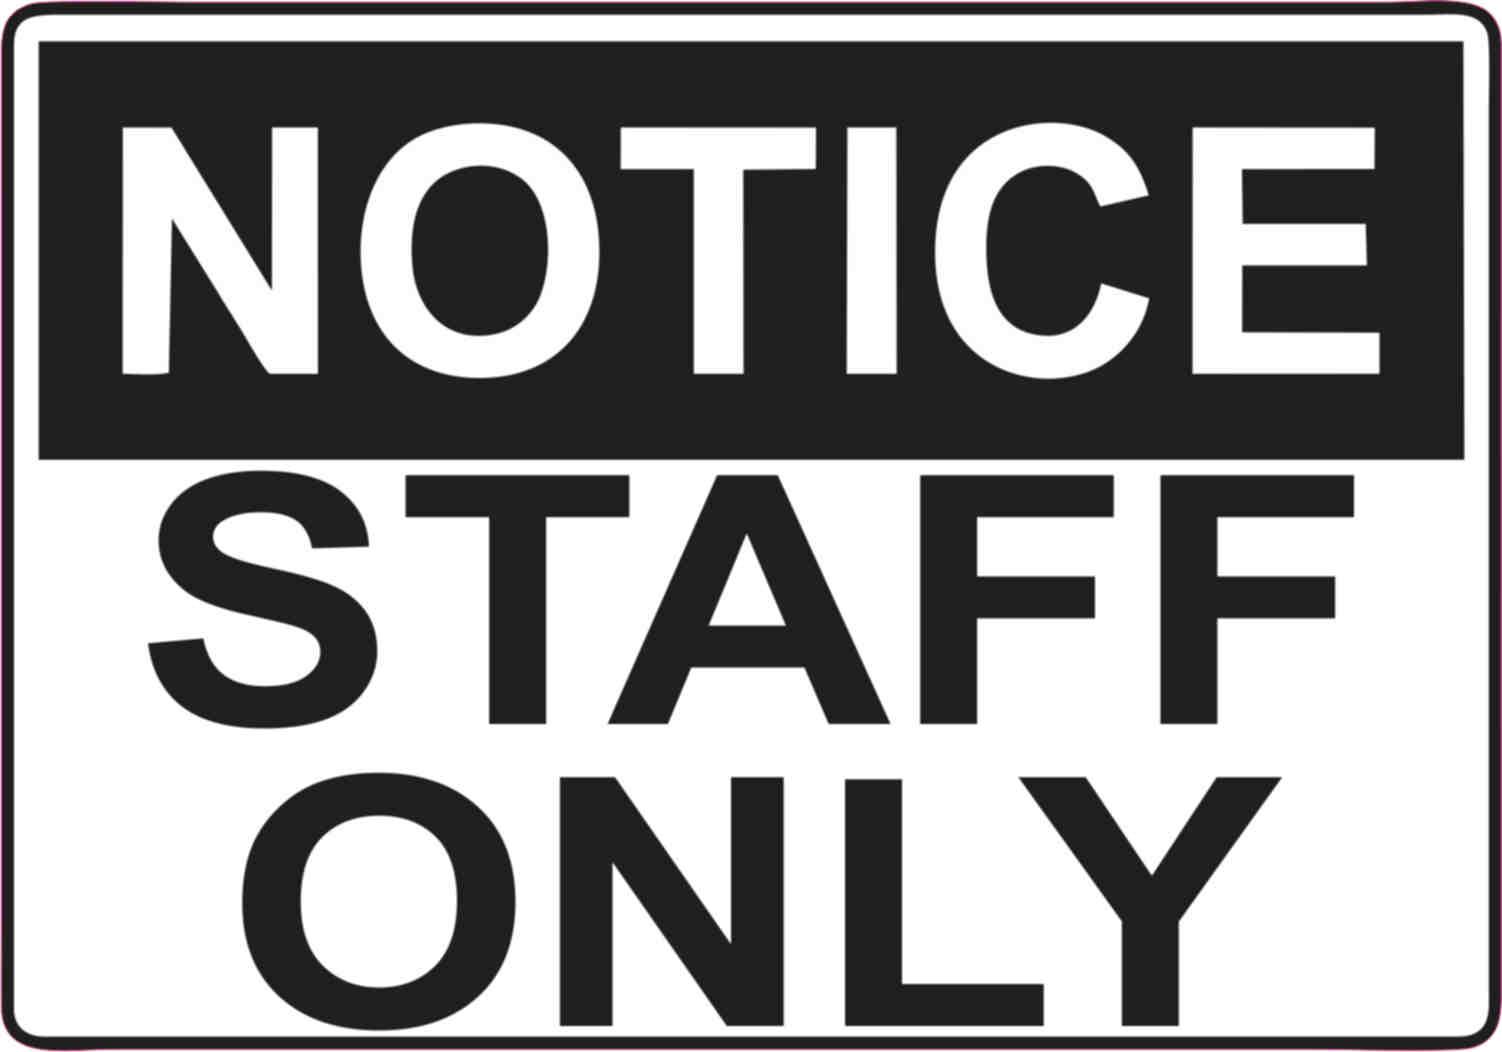 5in x 3.5in Notice Staff Only Sticker Vinyl Door Wall Sign Stickers  sc 1 st  StickerTalk & 5in x 3.5in Notice Staff Only Sticker Vinyl Door Wall Sign Stickers ...